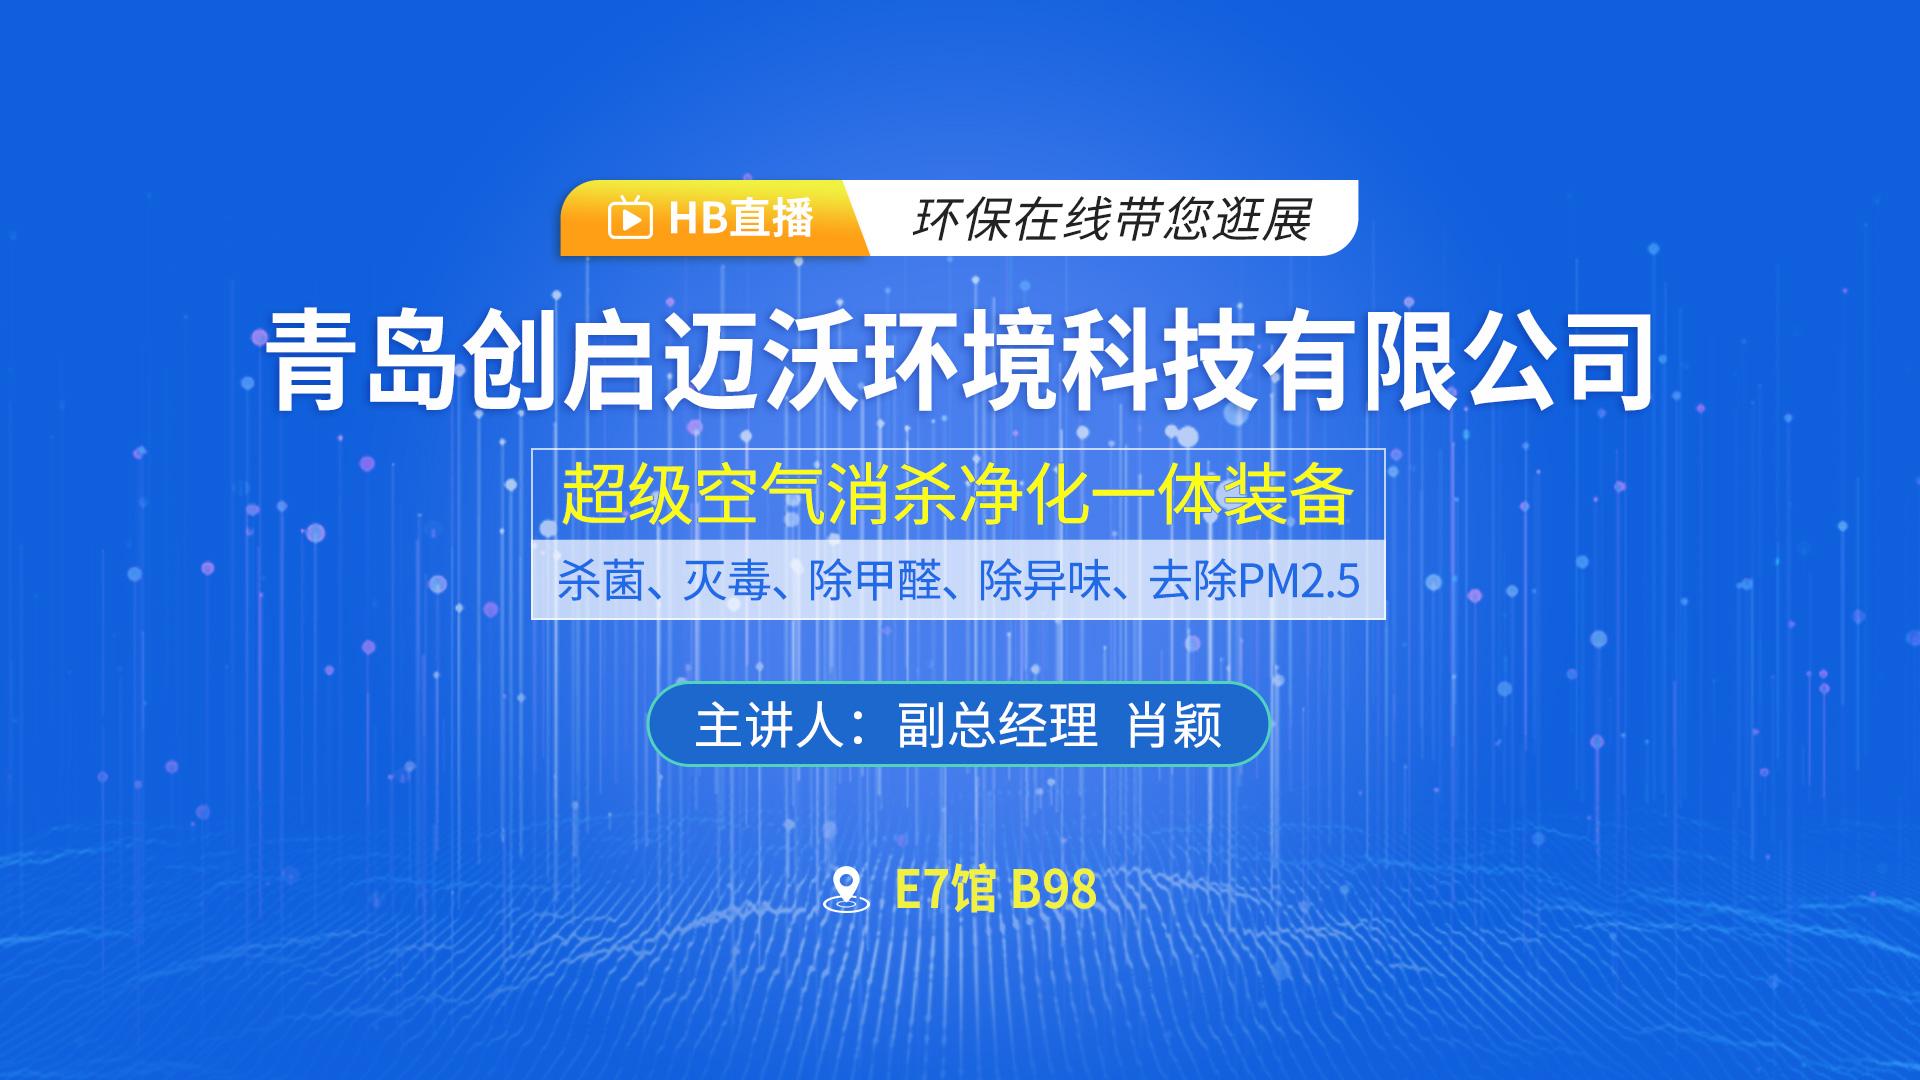 展台位于E7馆 B98 青岛创启迈沃环境诚邀您相约中国环博会